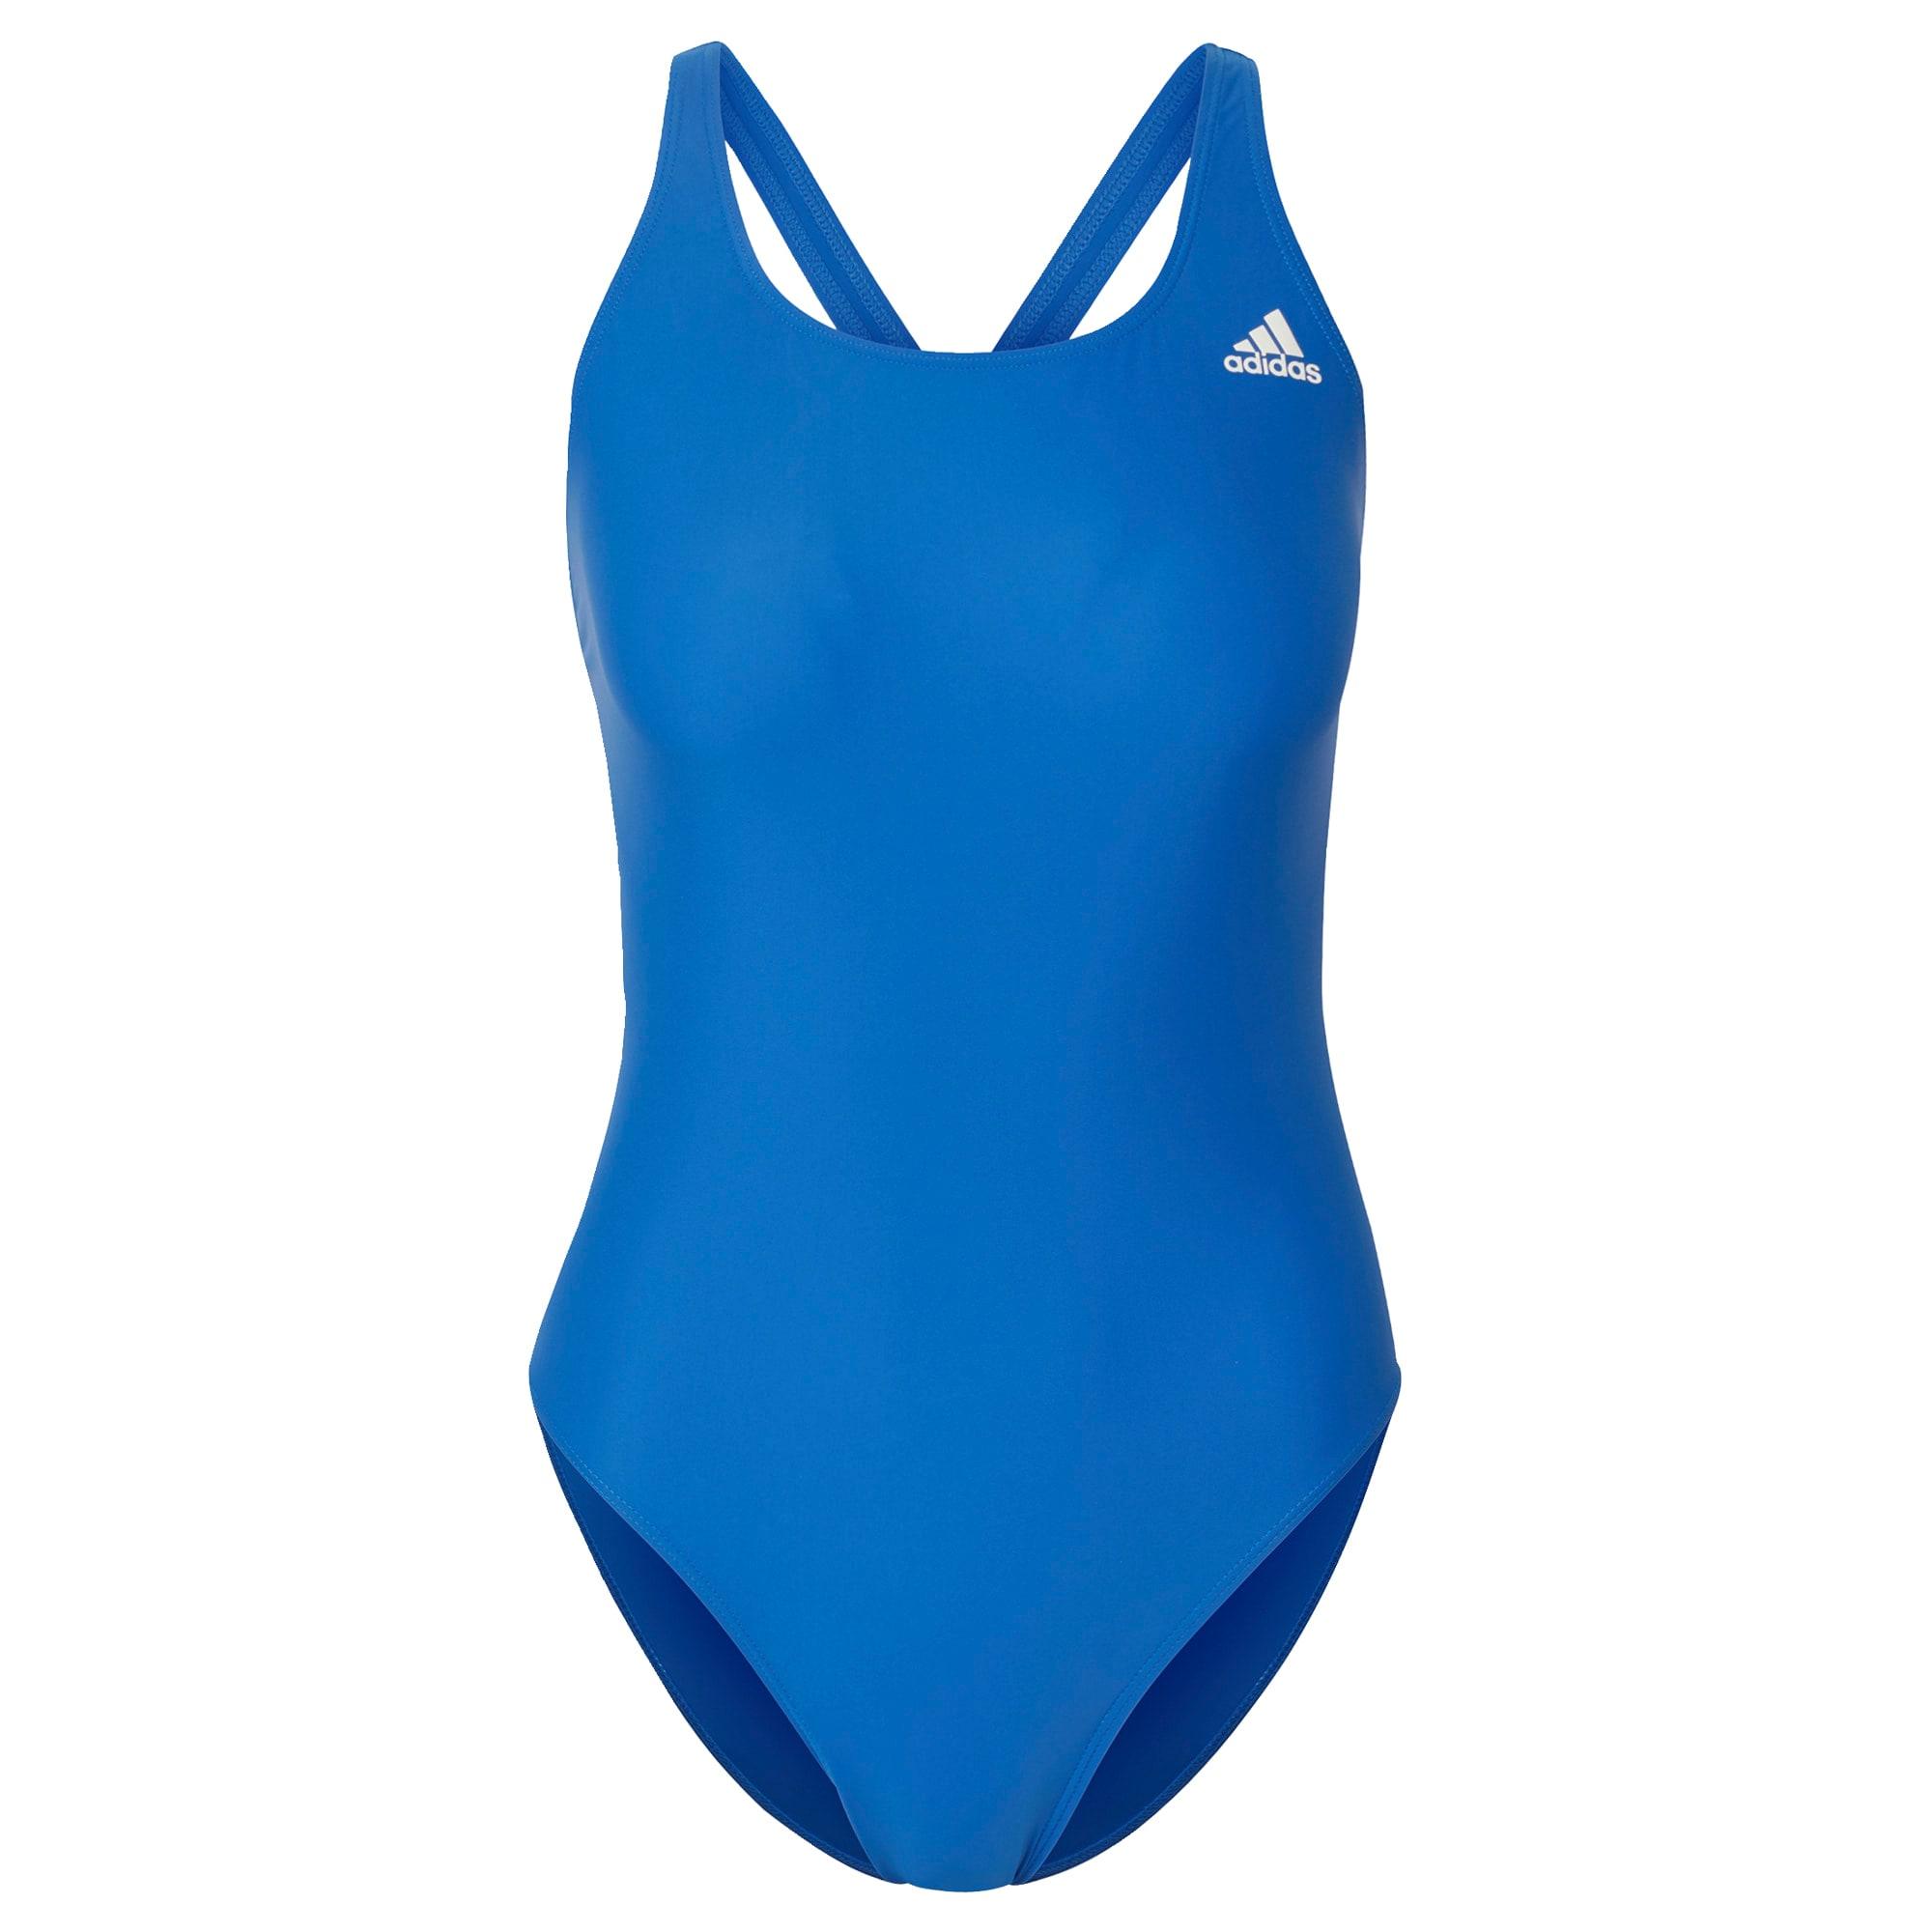 ADIDAS PERFORMANCE Športové jednodielne plavky 'Athly V Solid'  kráľovská modrá